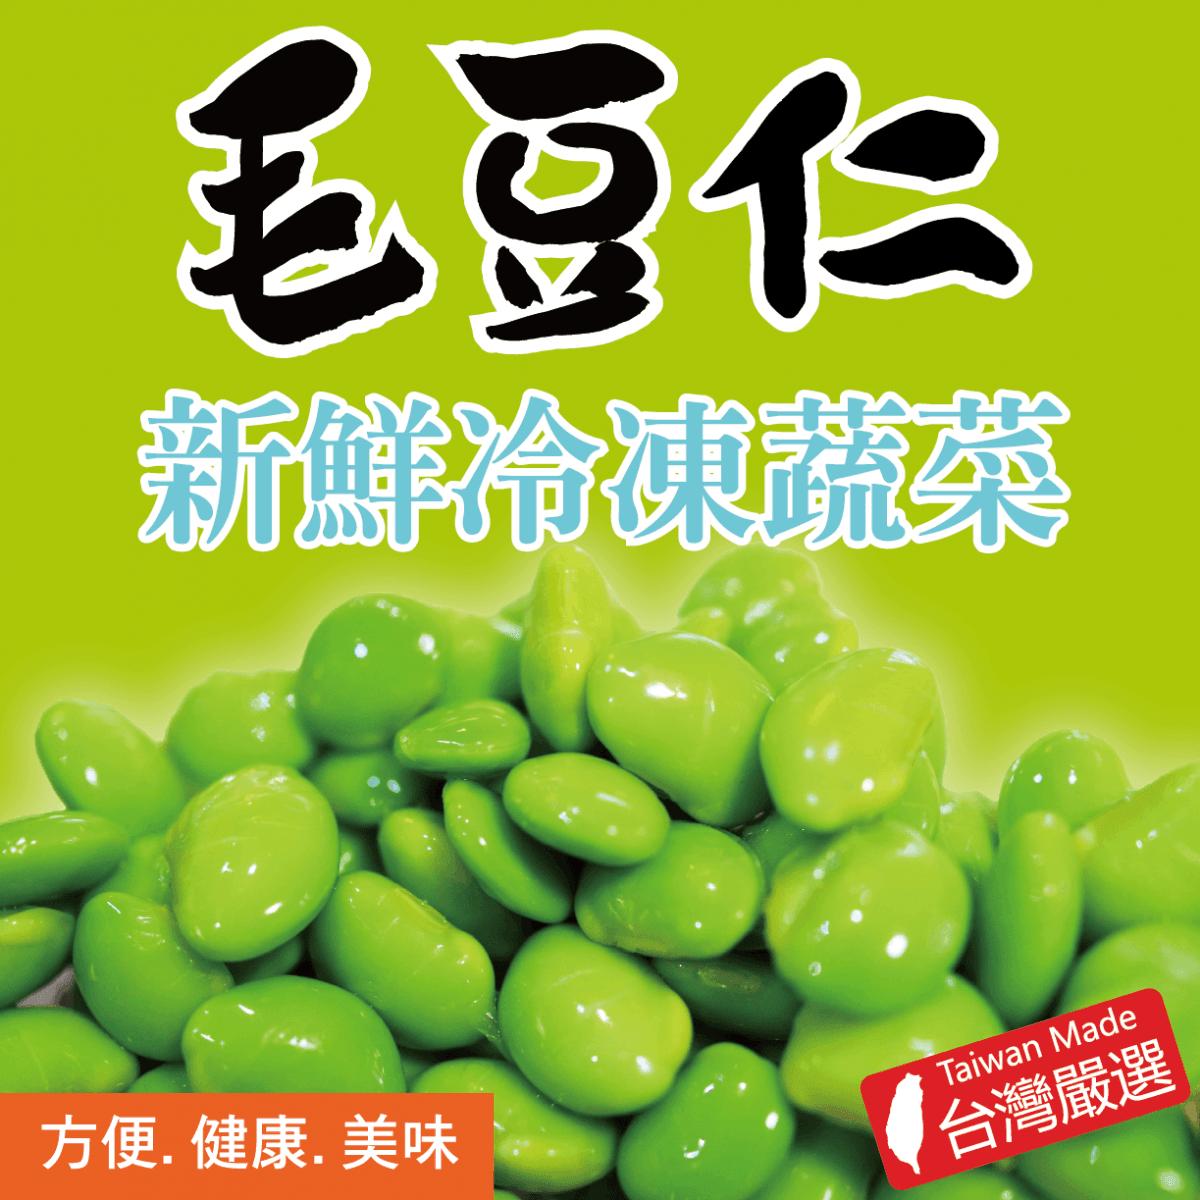 【田食原】新鮮冷凍毛豆仁 300g 養生即食 健康減醣 低碳飲食 健身餐  卵磷脂  冷凍蔬菜 0